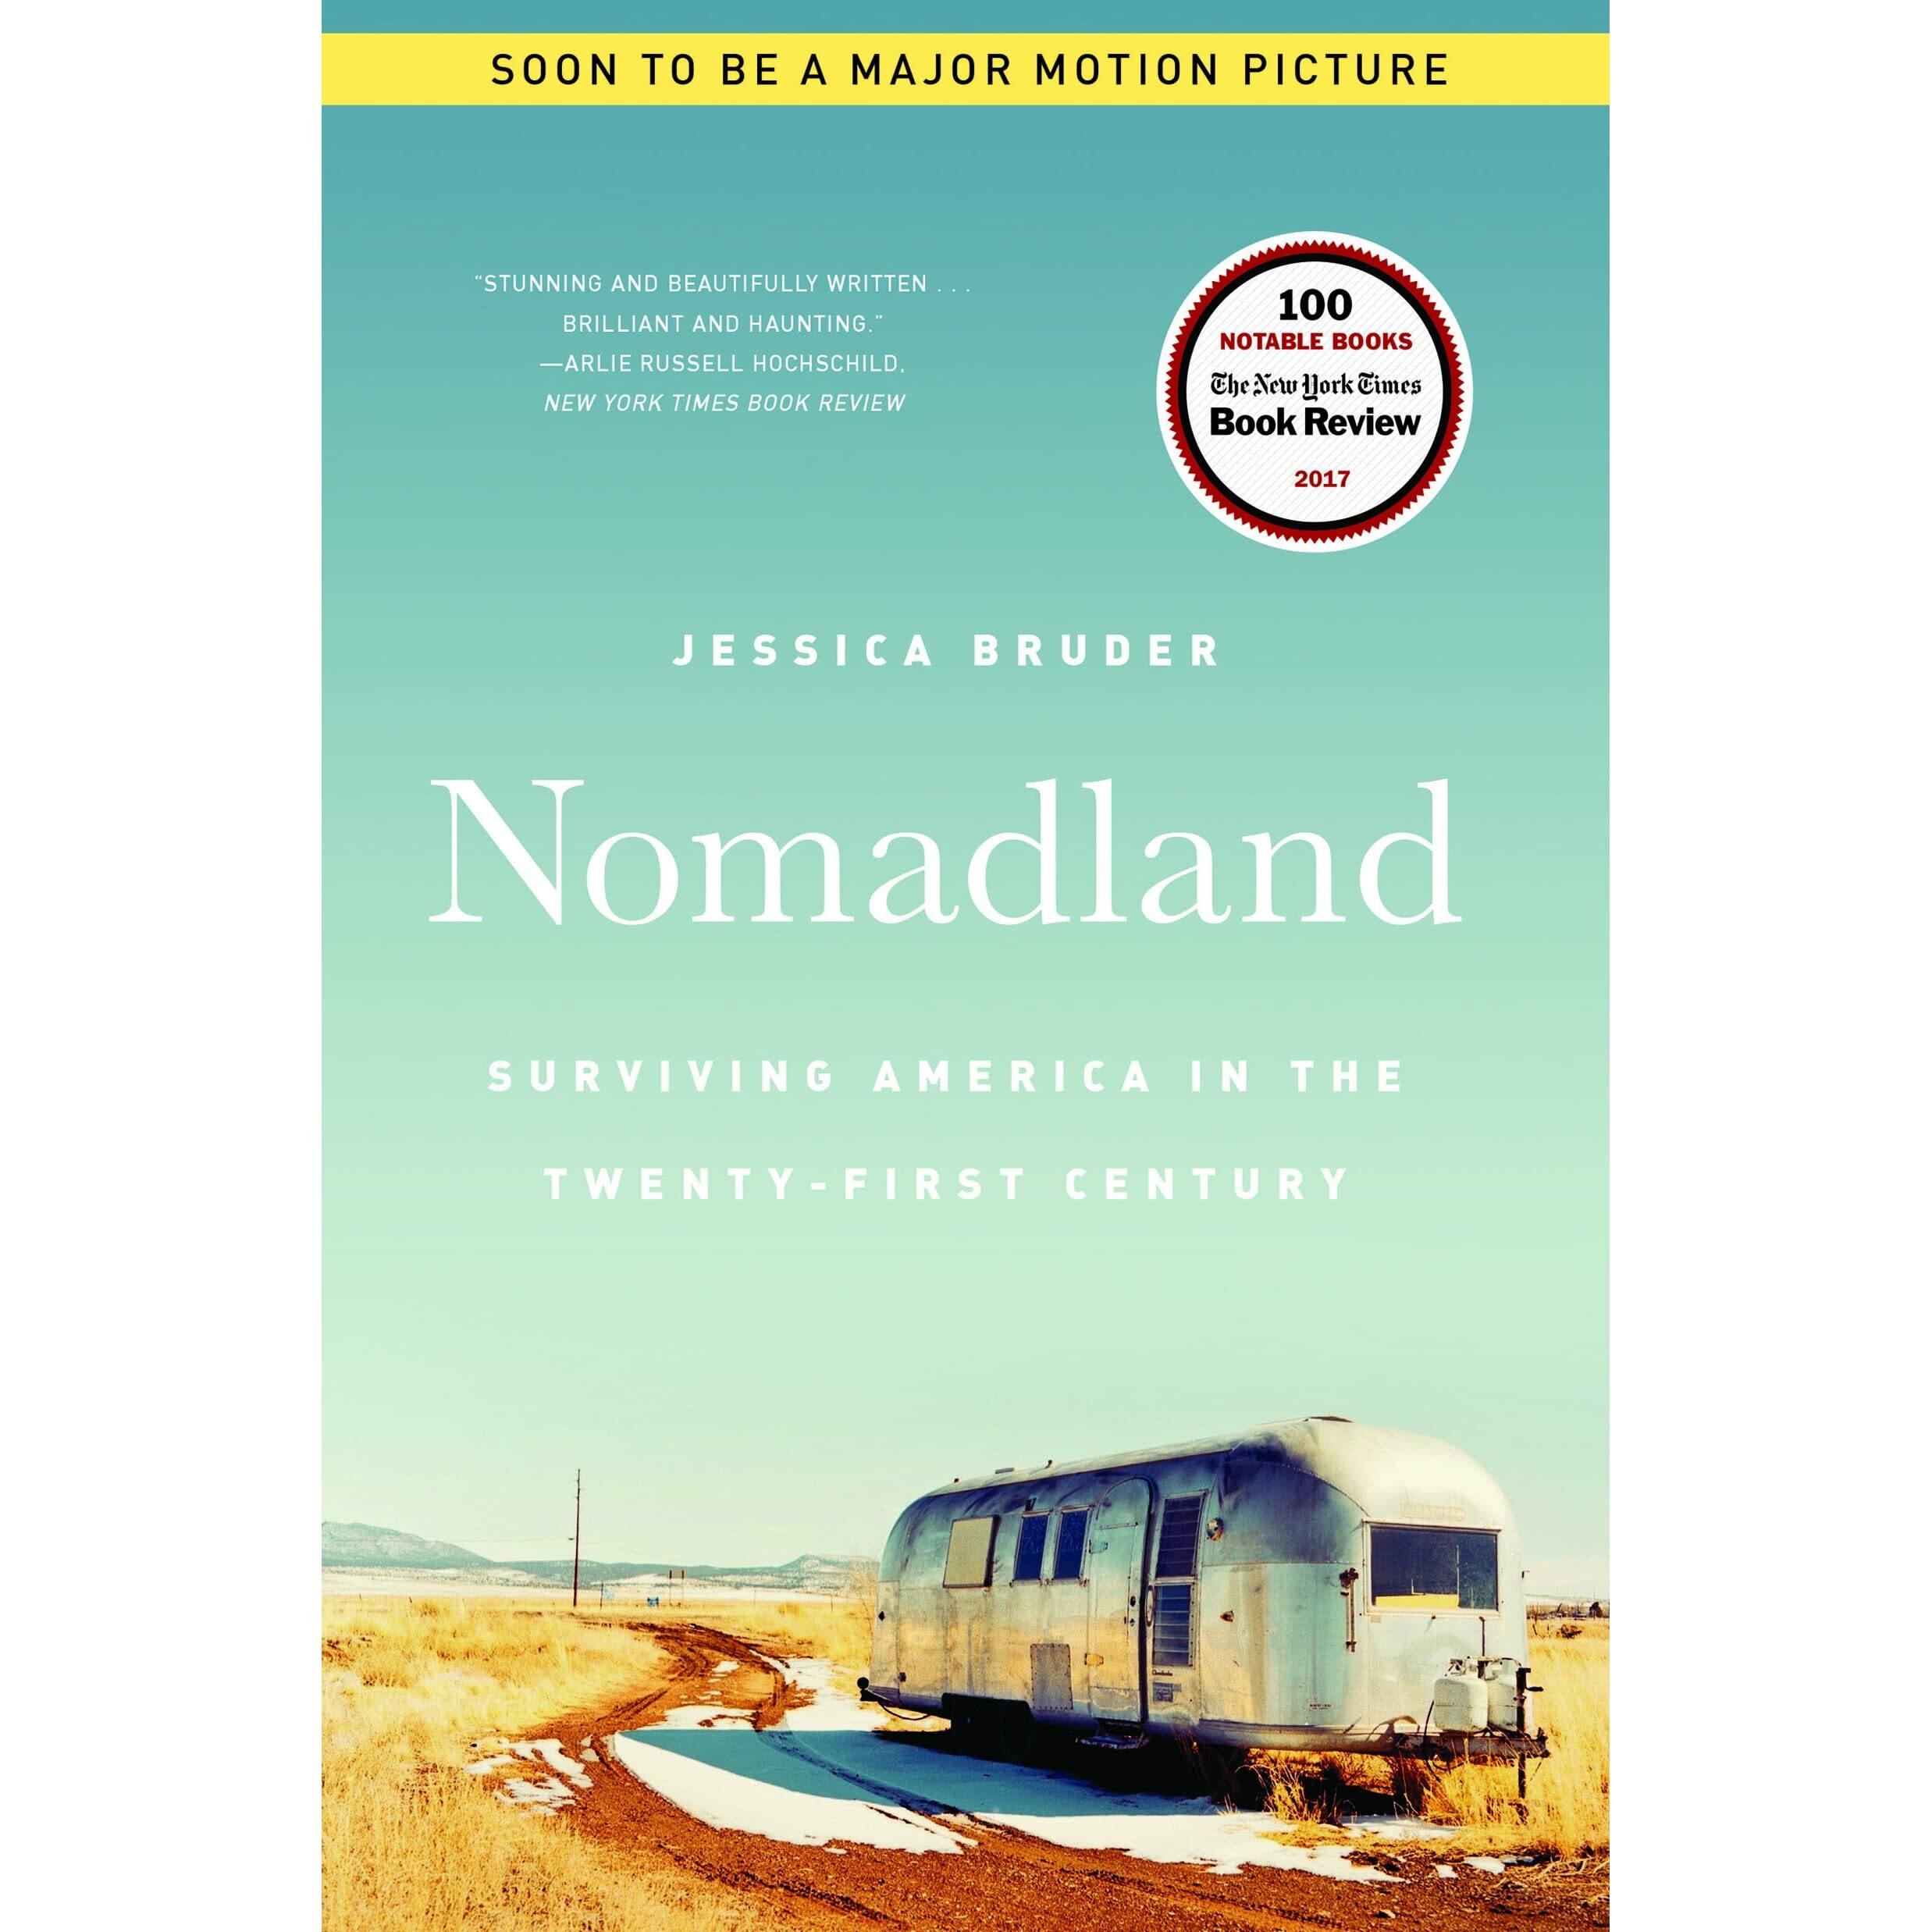 Nomadland book by Jessica Bruder